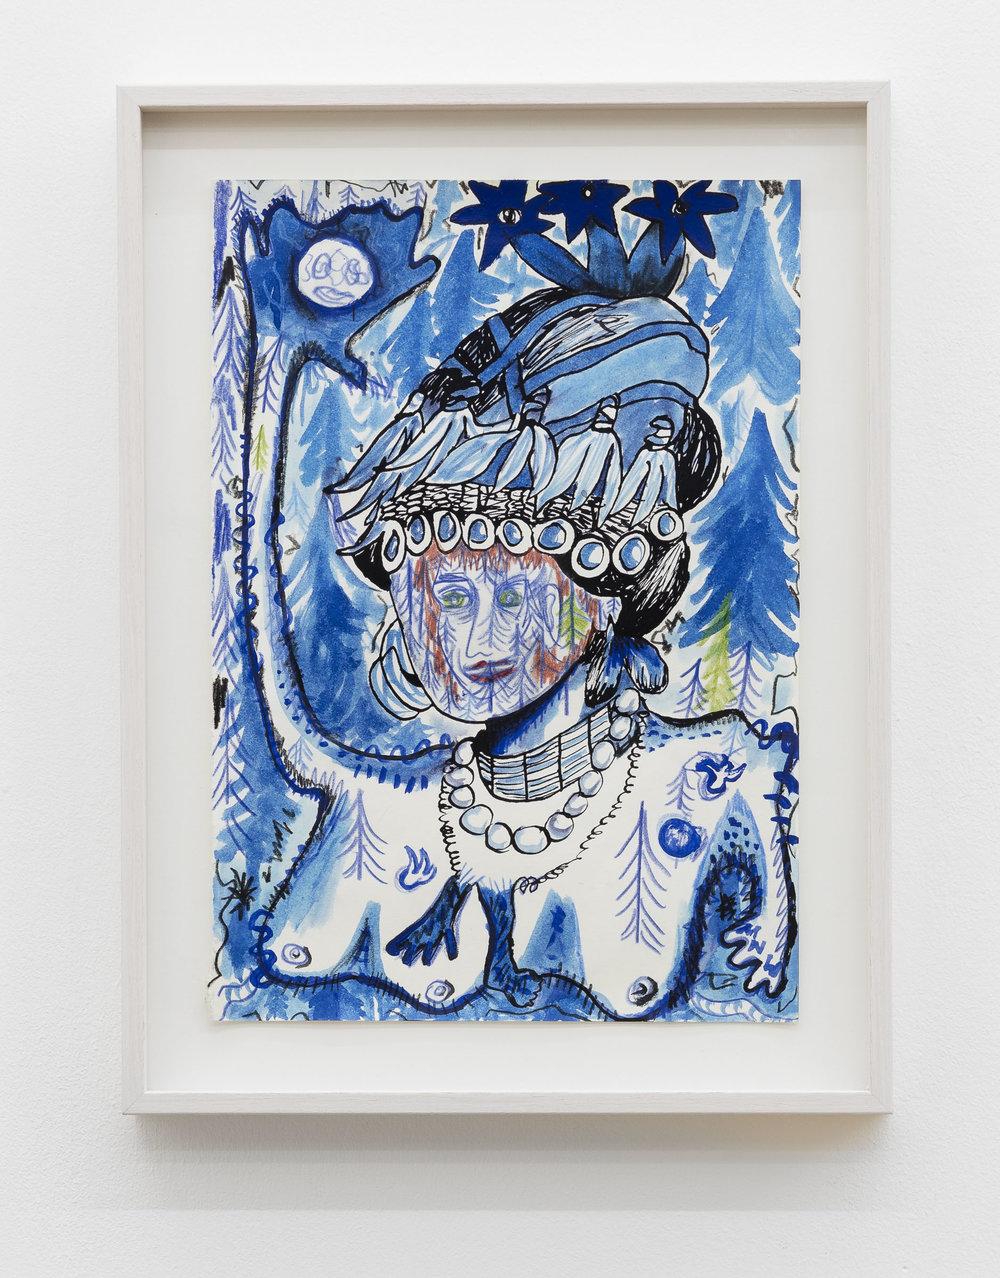 Anna McCarthy, Königin der Nacht, 2018, crayon, gouache, indian ink on paper, 29.5 x 21.7 cm